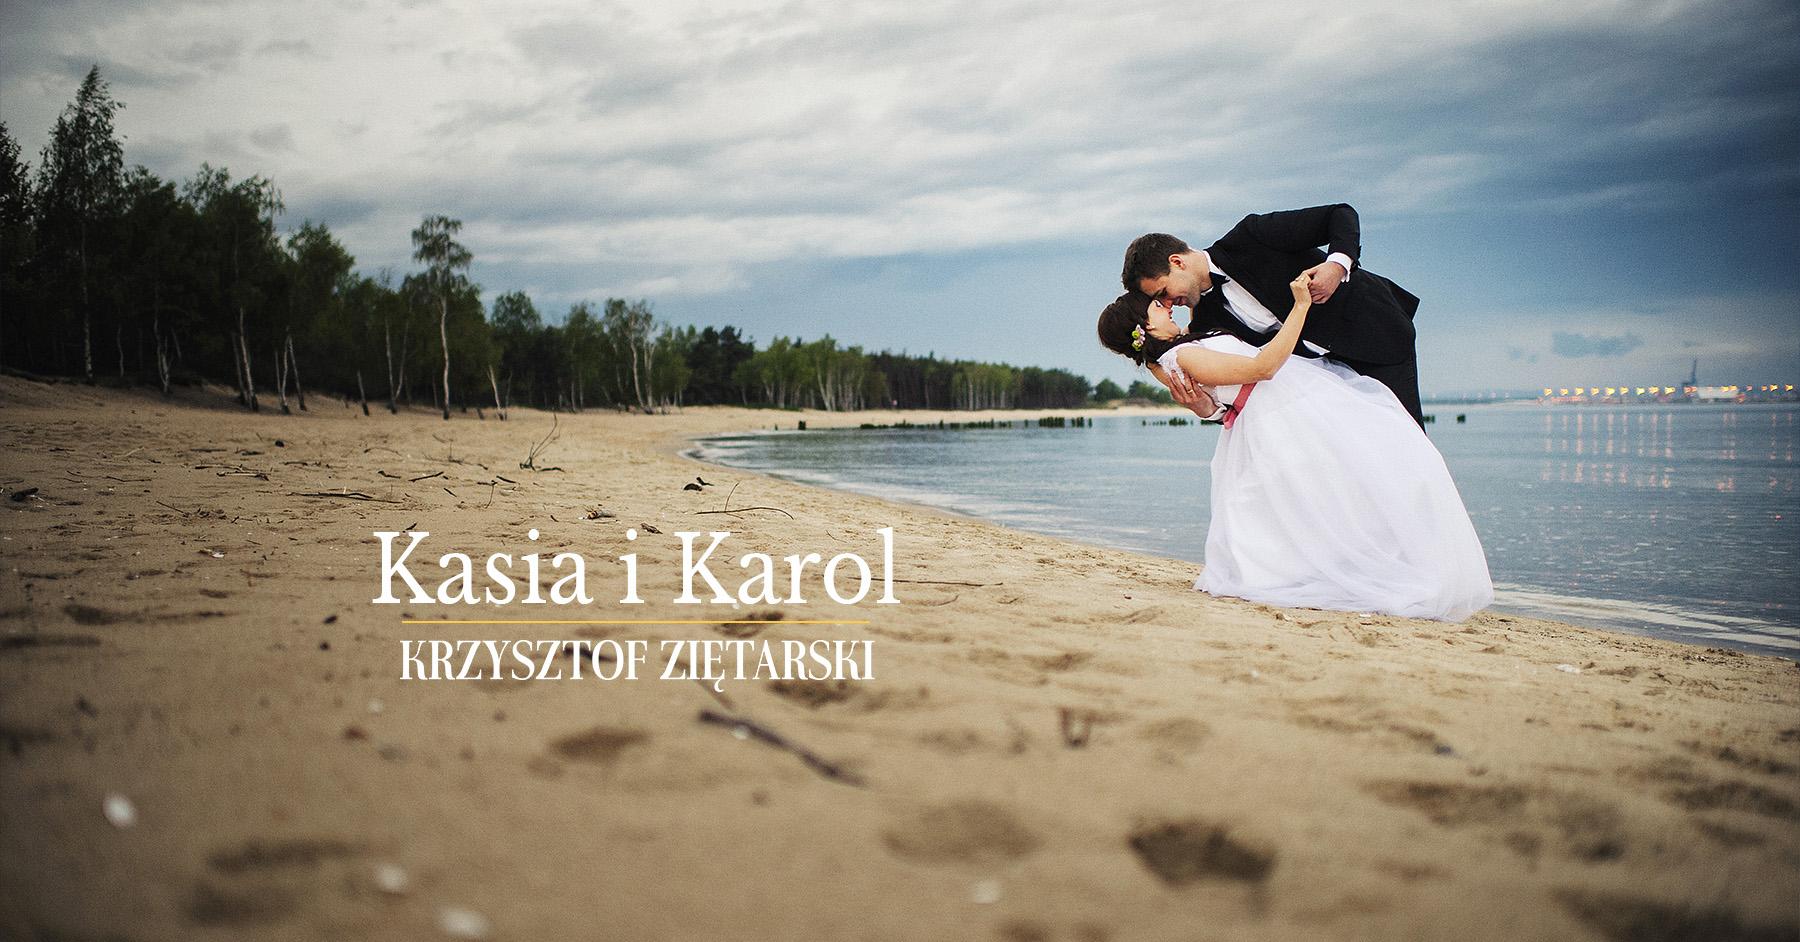 Kasia i Karol - Gdańsk, Cedrowy Dworek